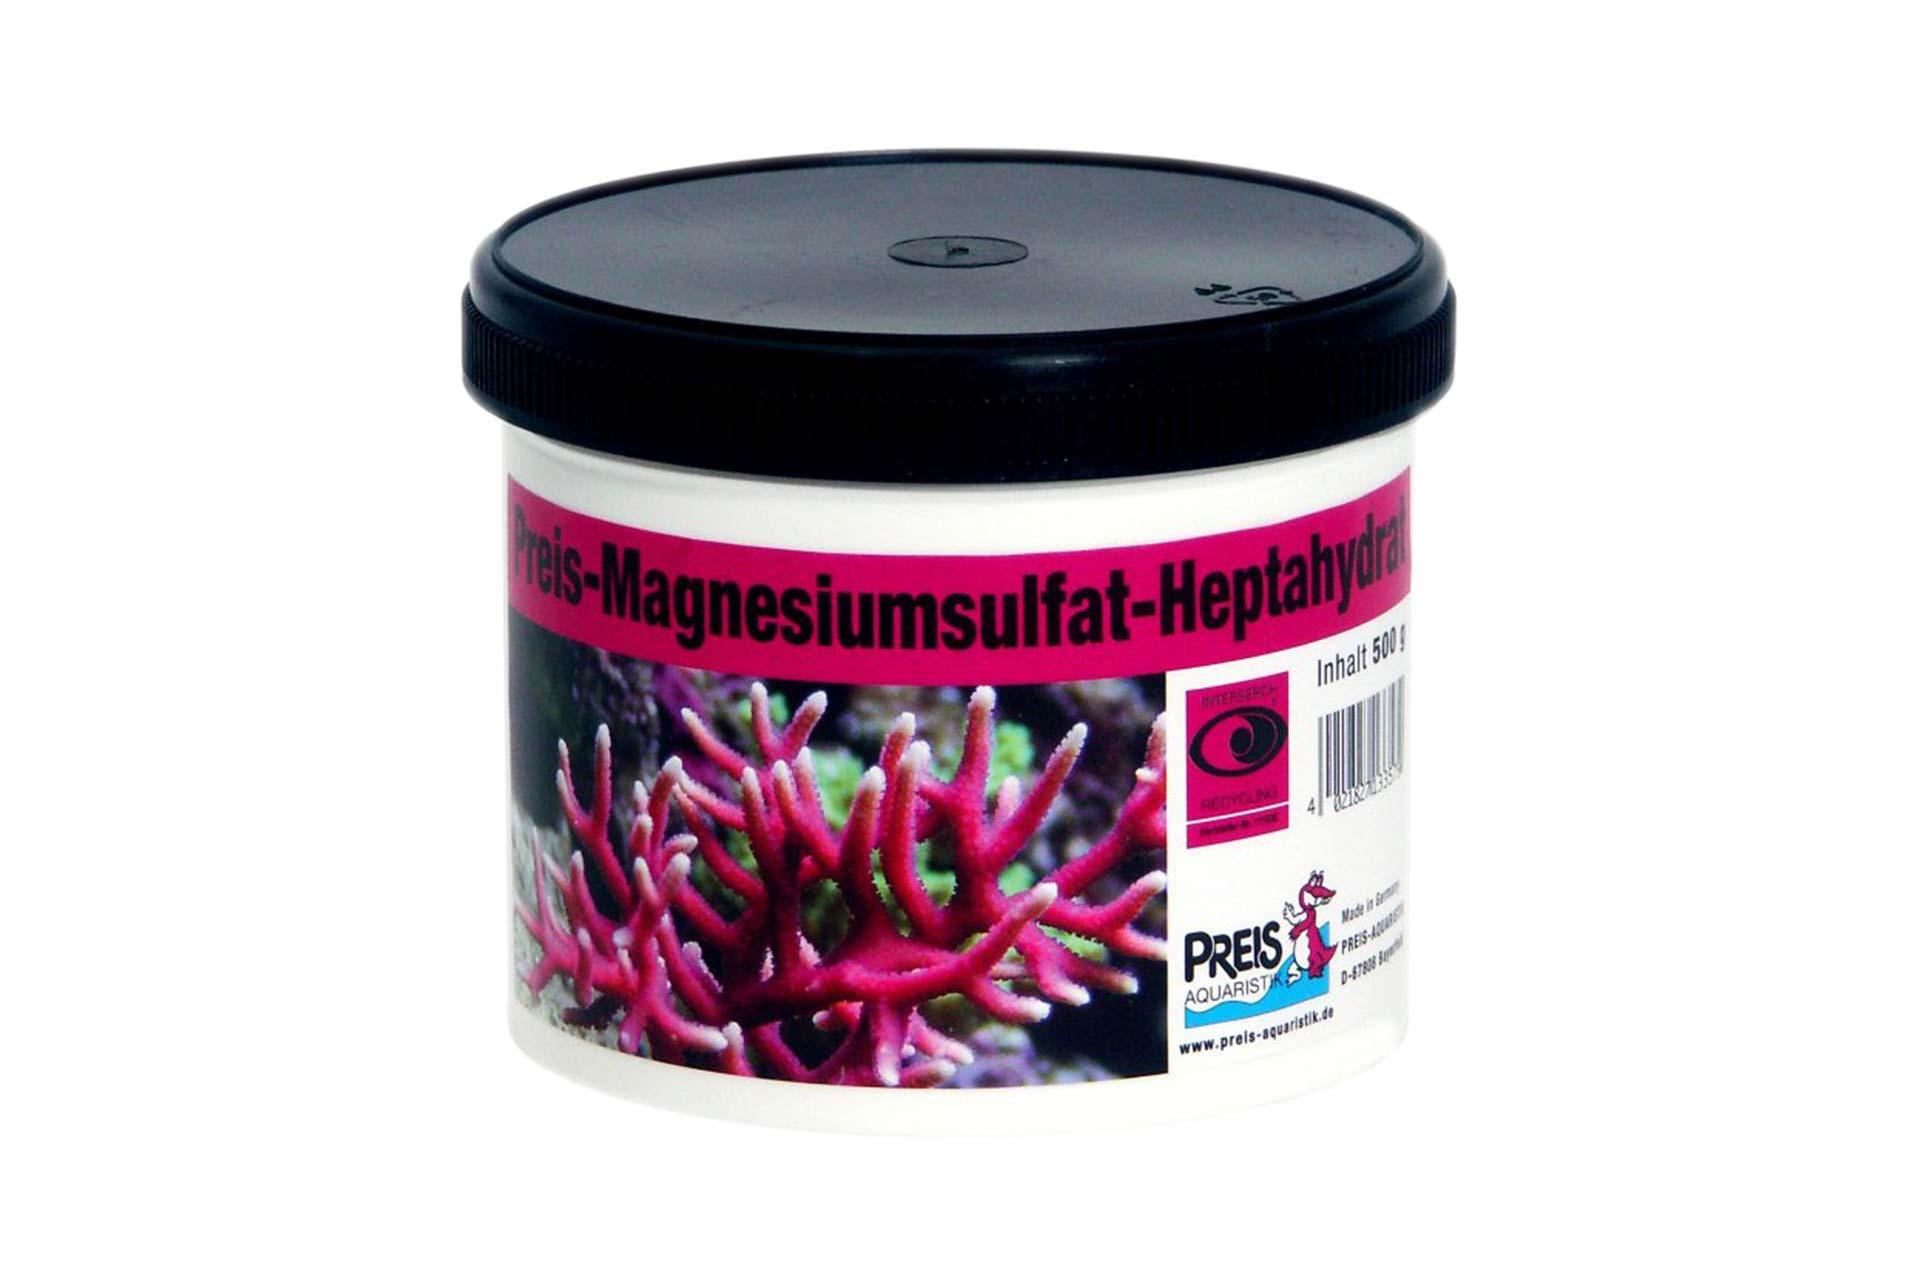 Preis Magnesium-Sulfat Heptahydrat 450g